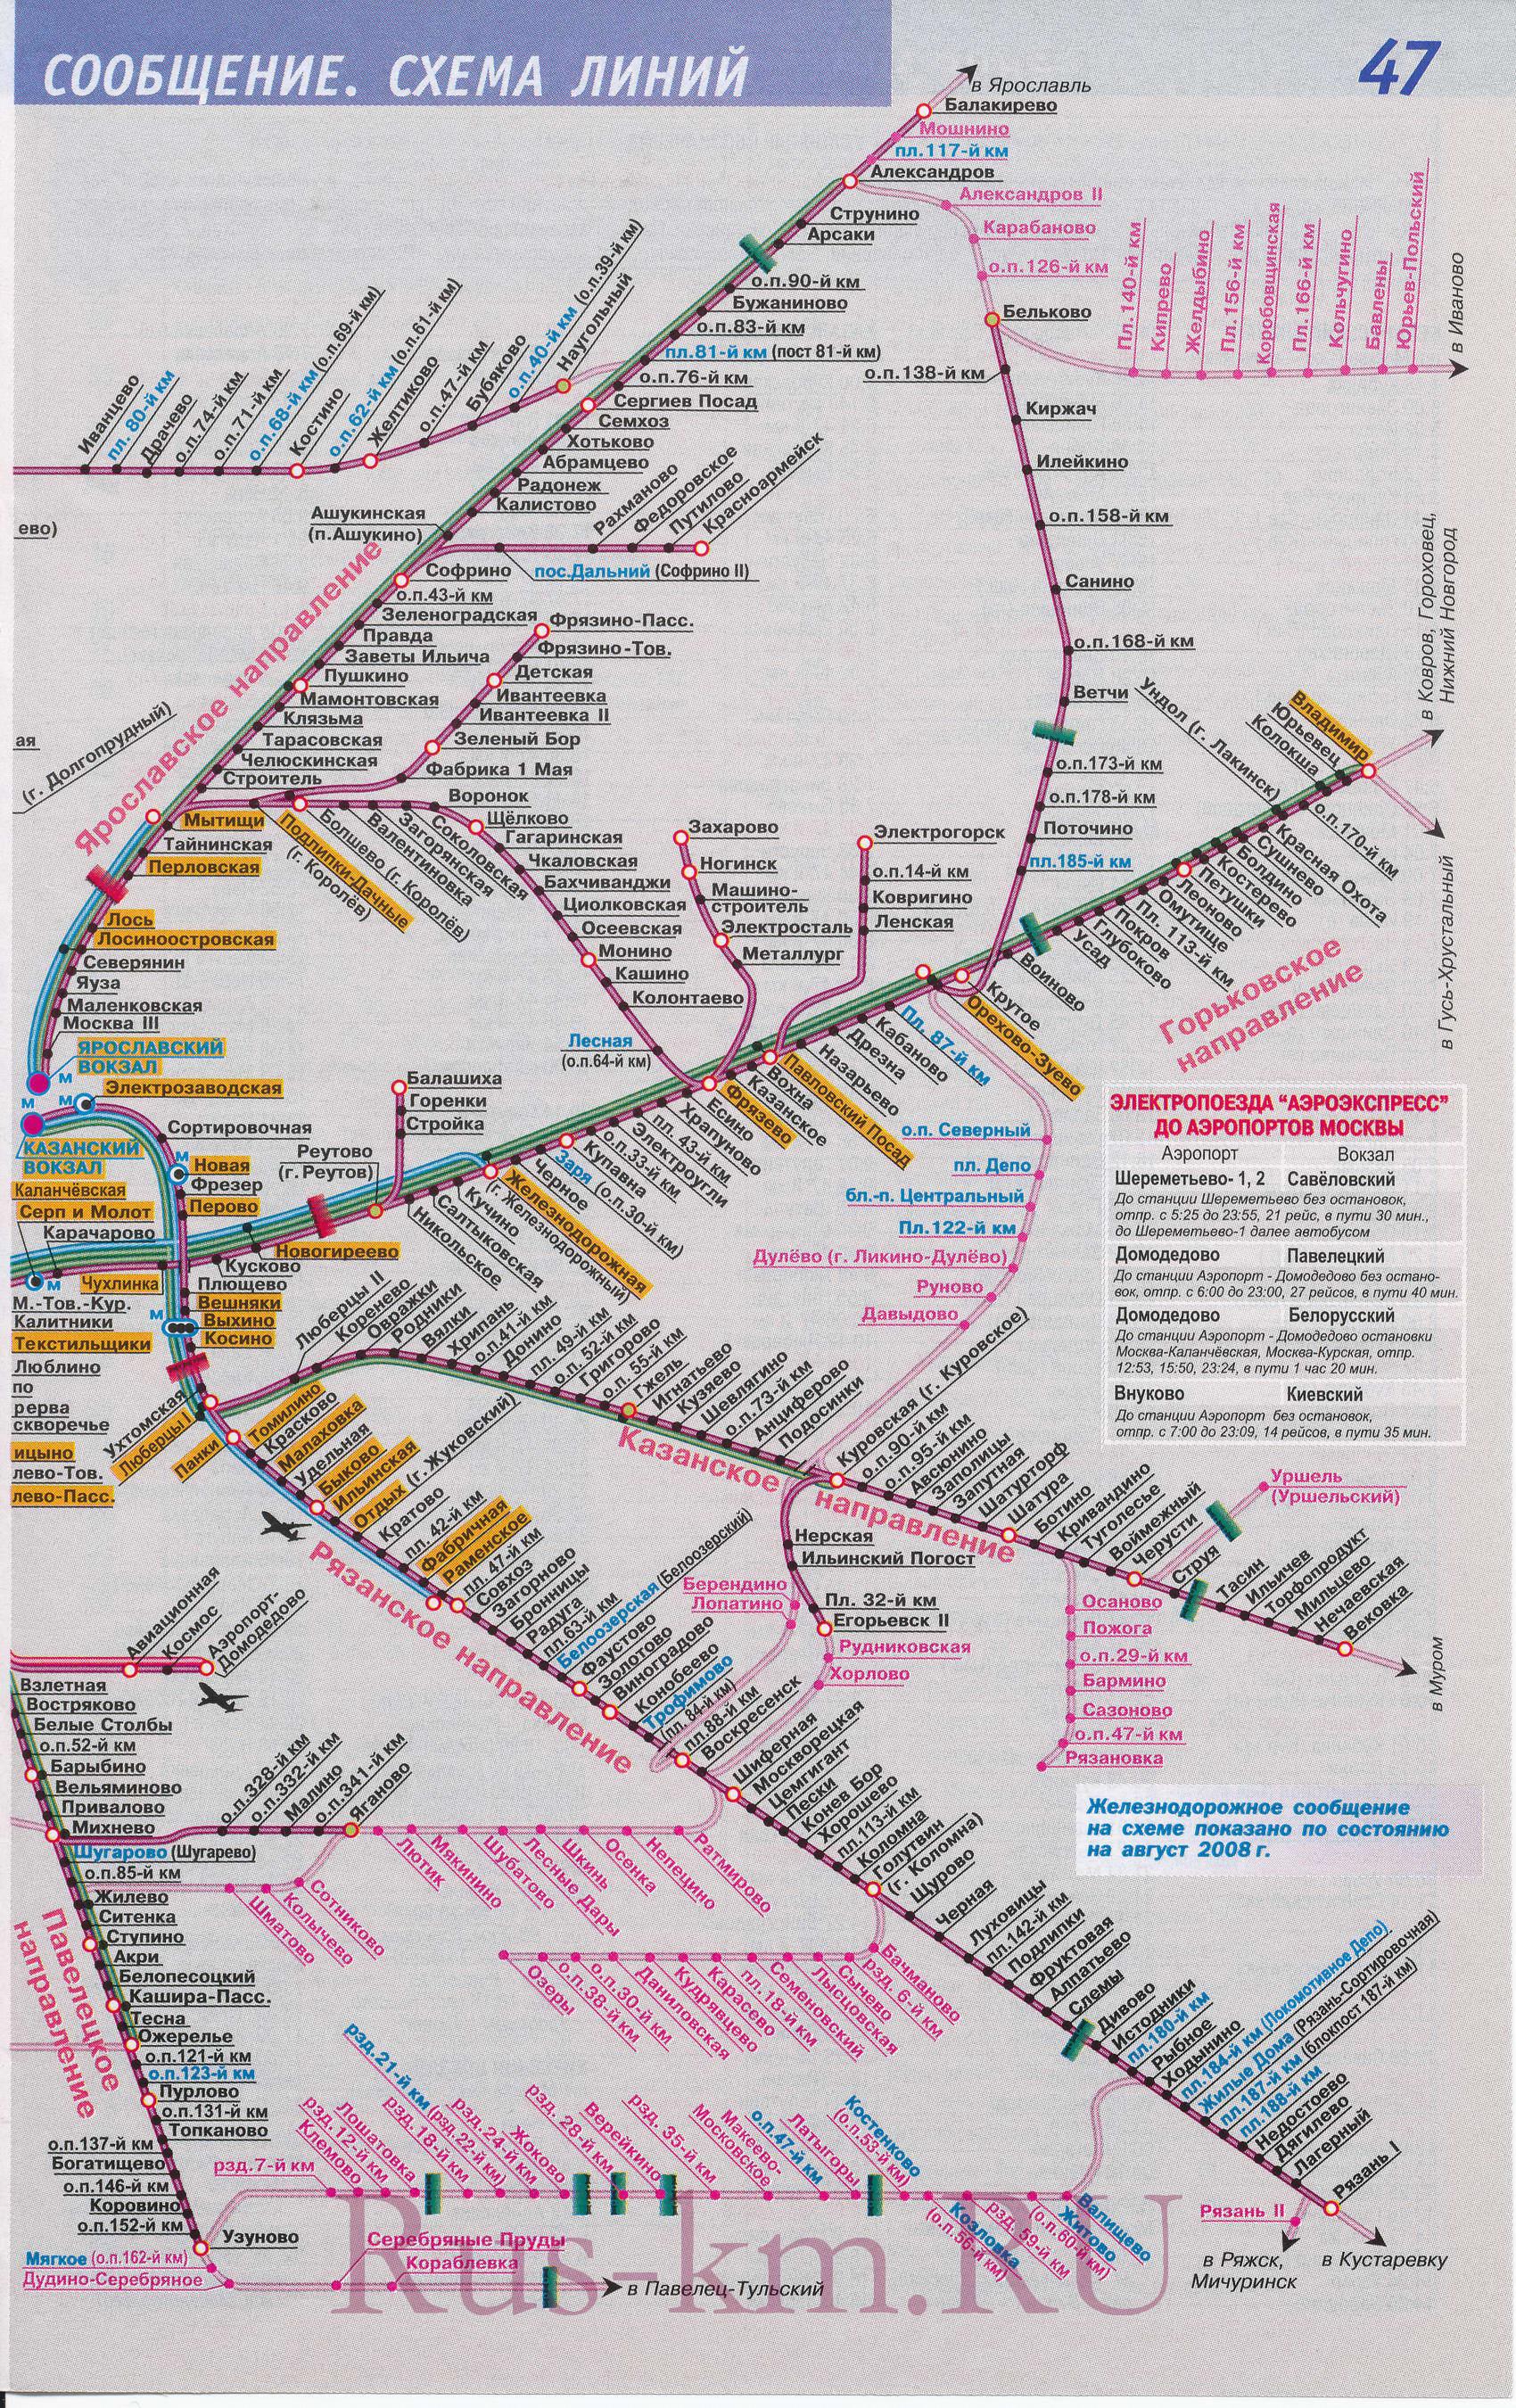 Схема железнодорожного сообщения москвы фото 23